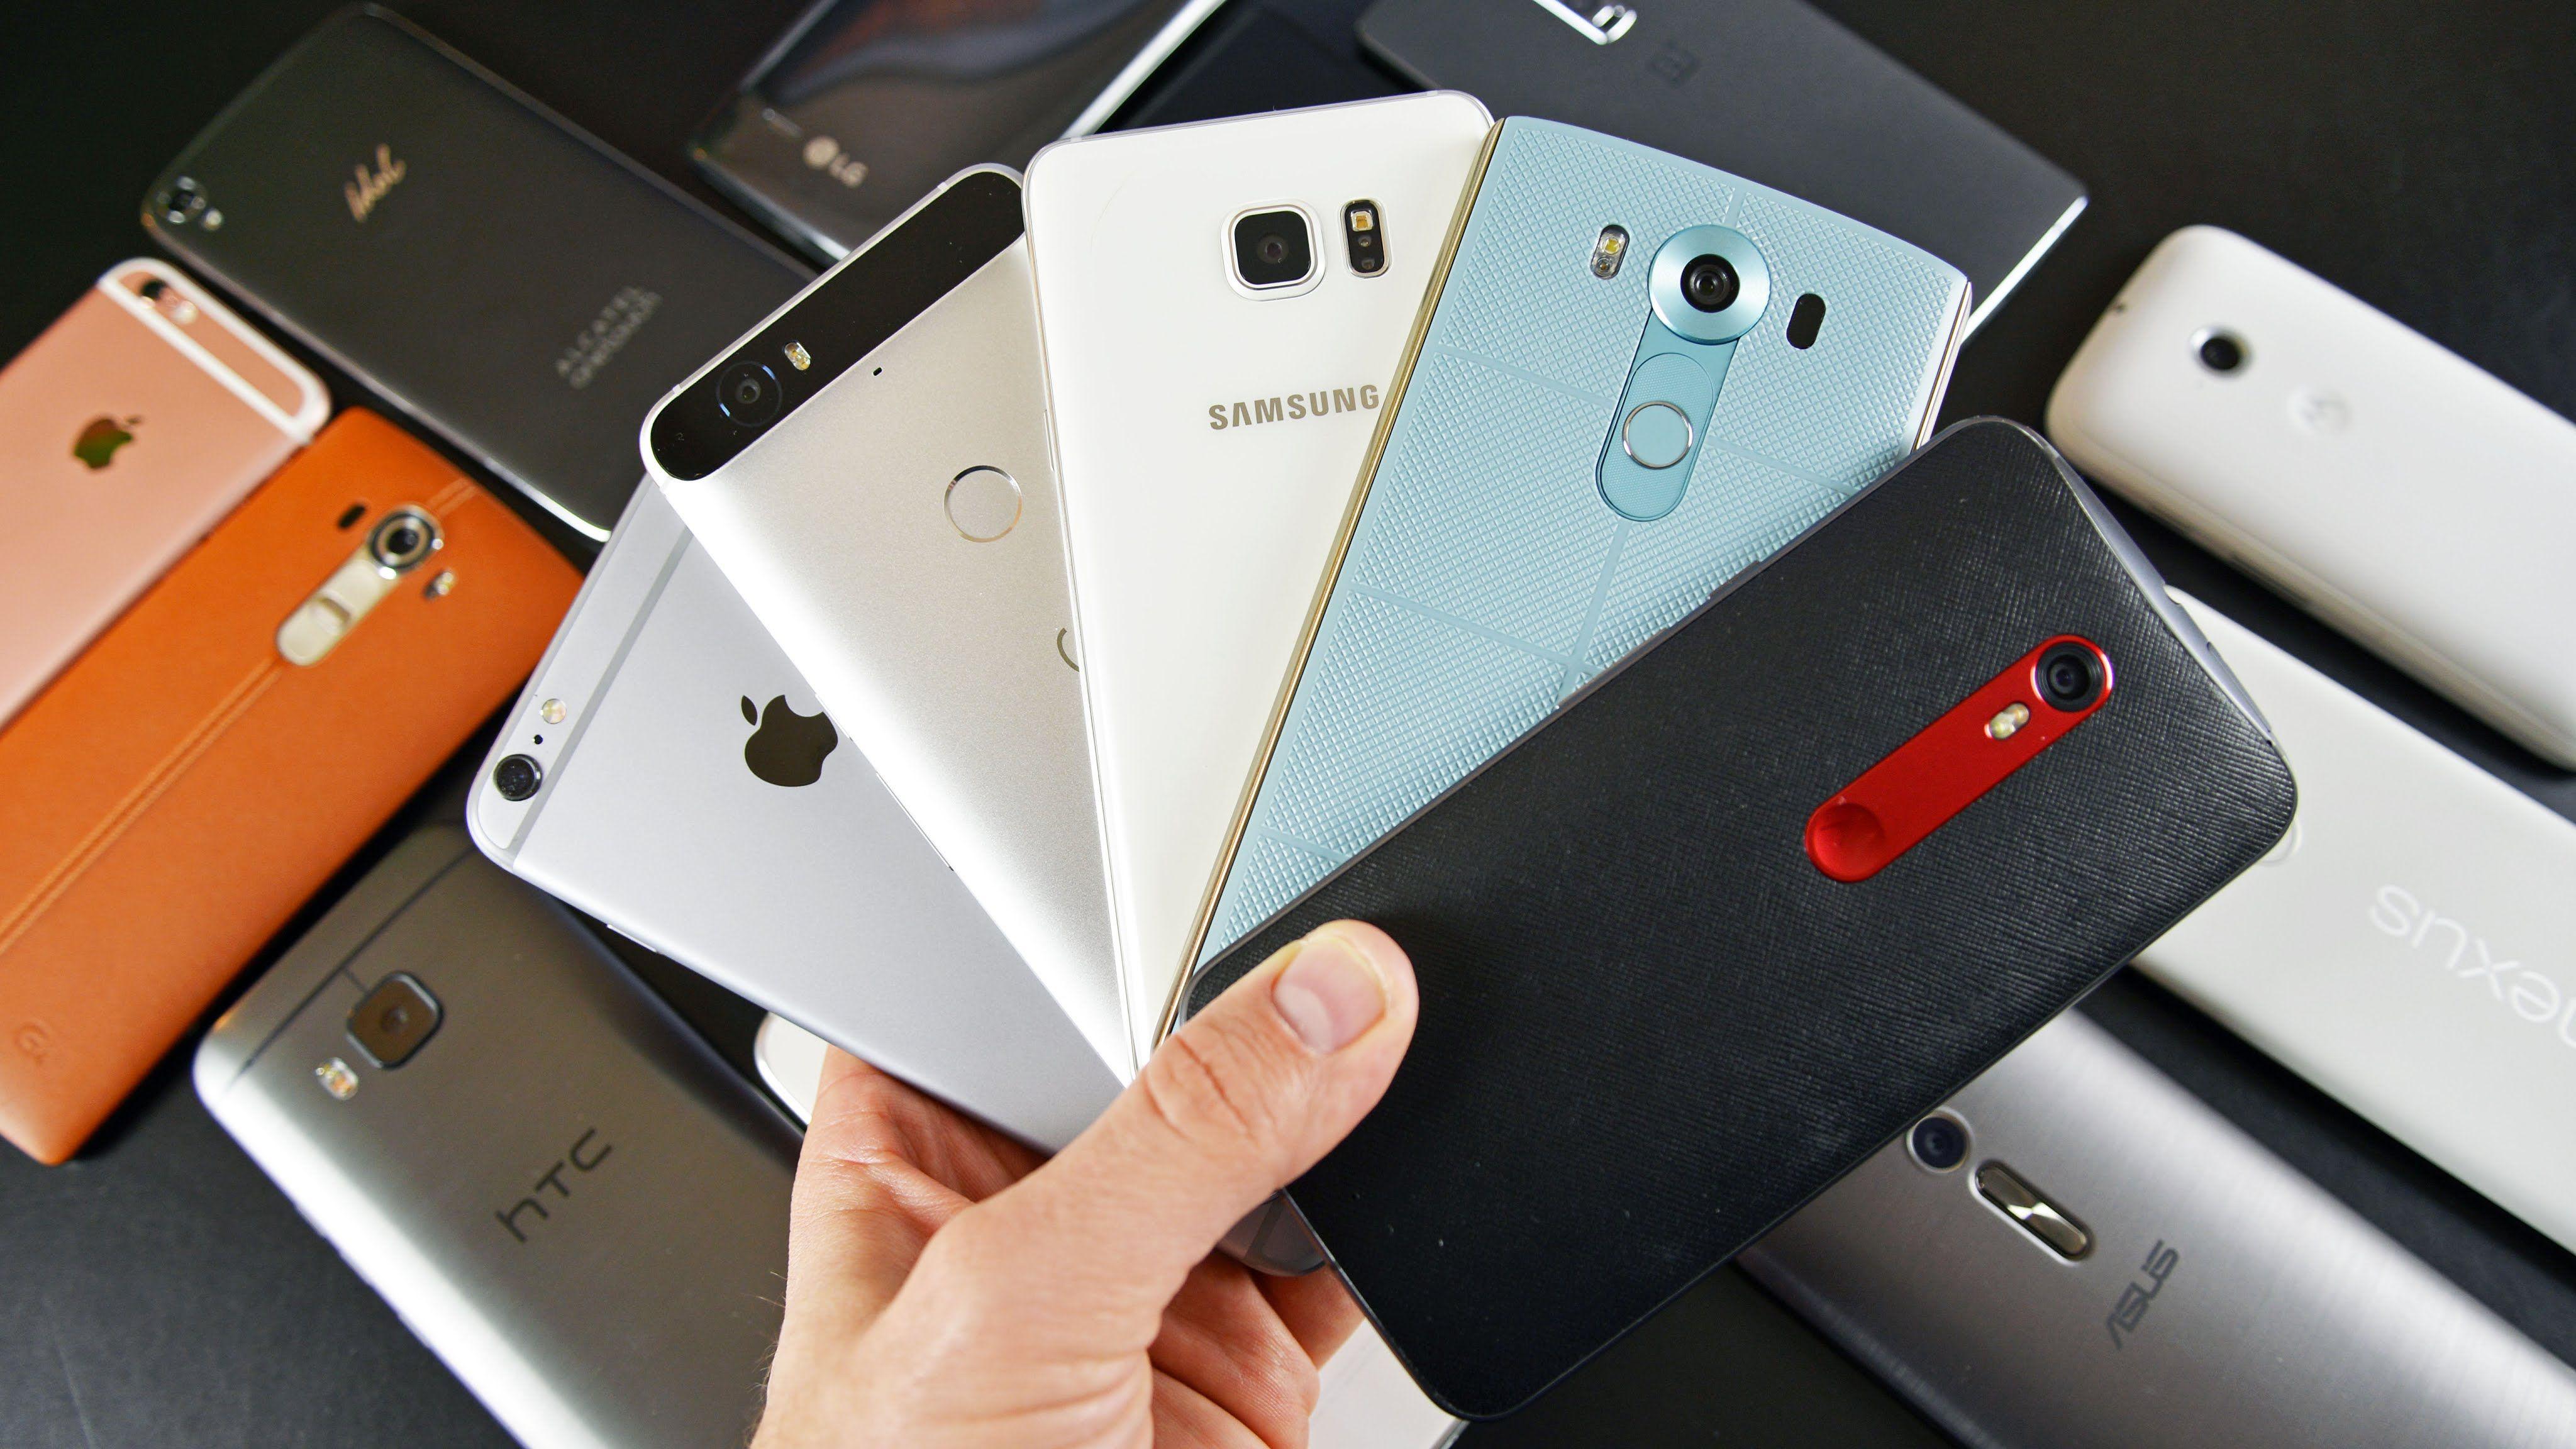 Aggiornate le guide all acquisto per smartphone in base al prezzo